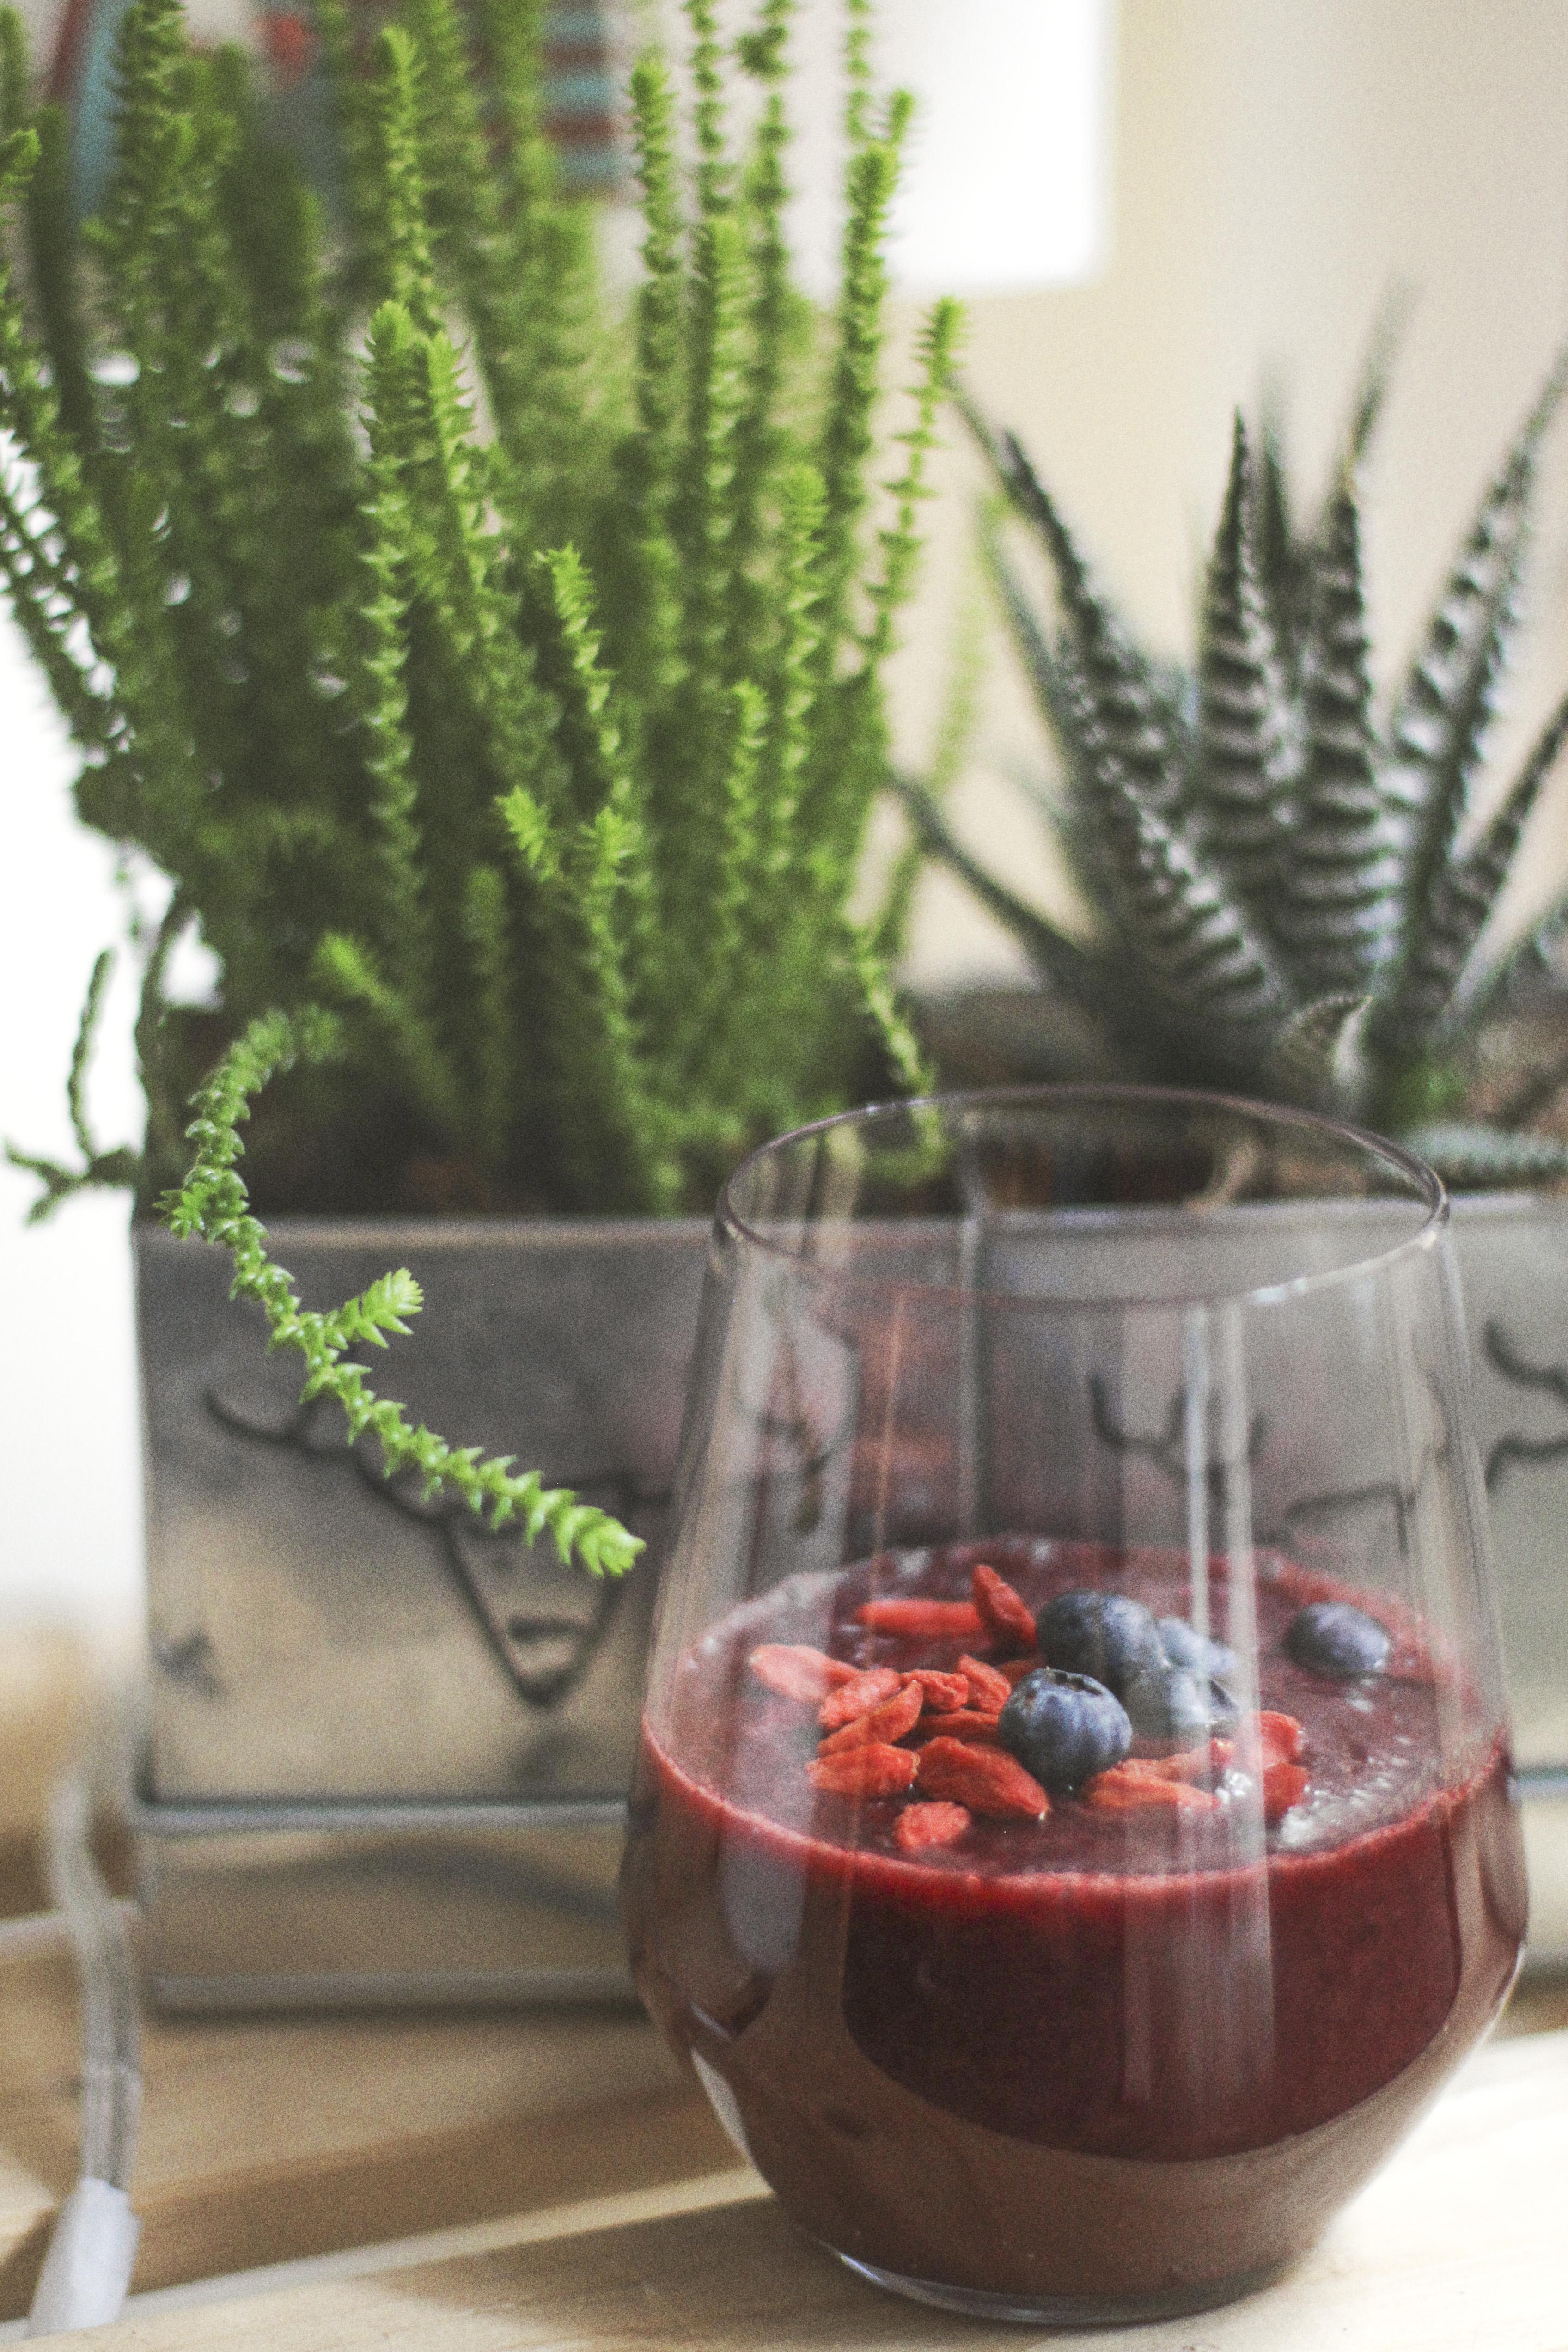 Mejunje rojo de verano de remolacha y pera